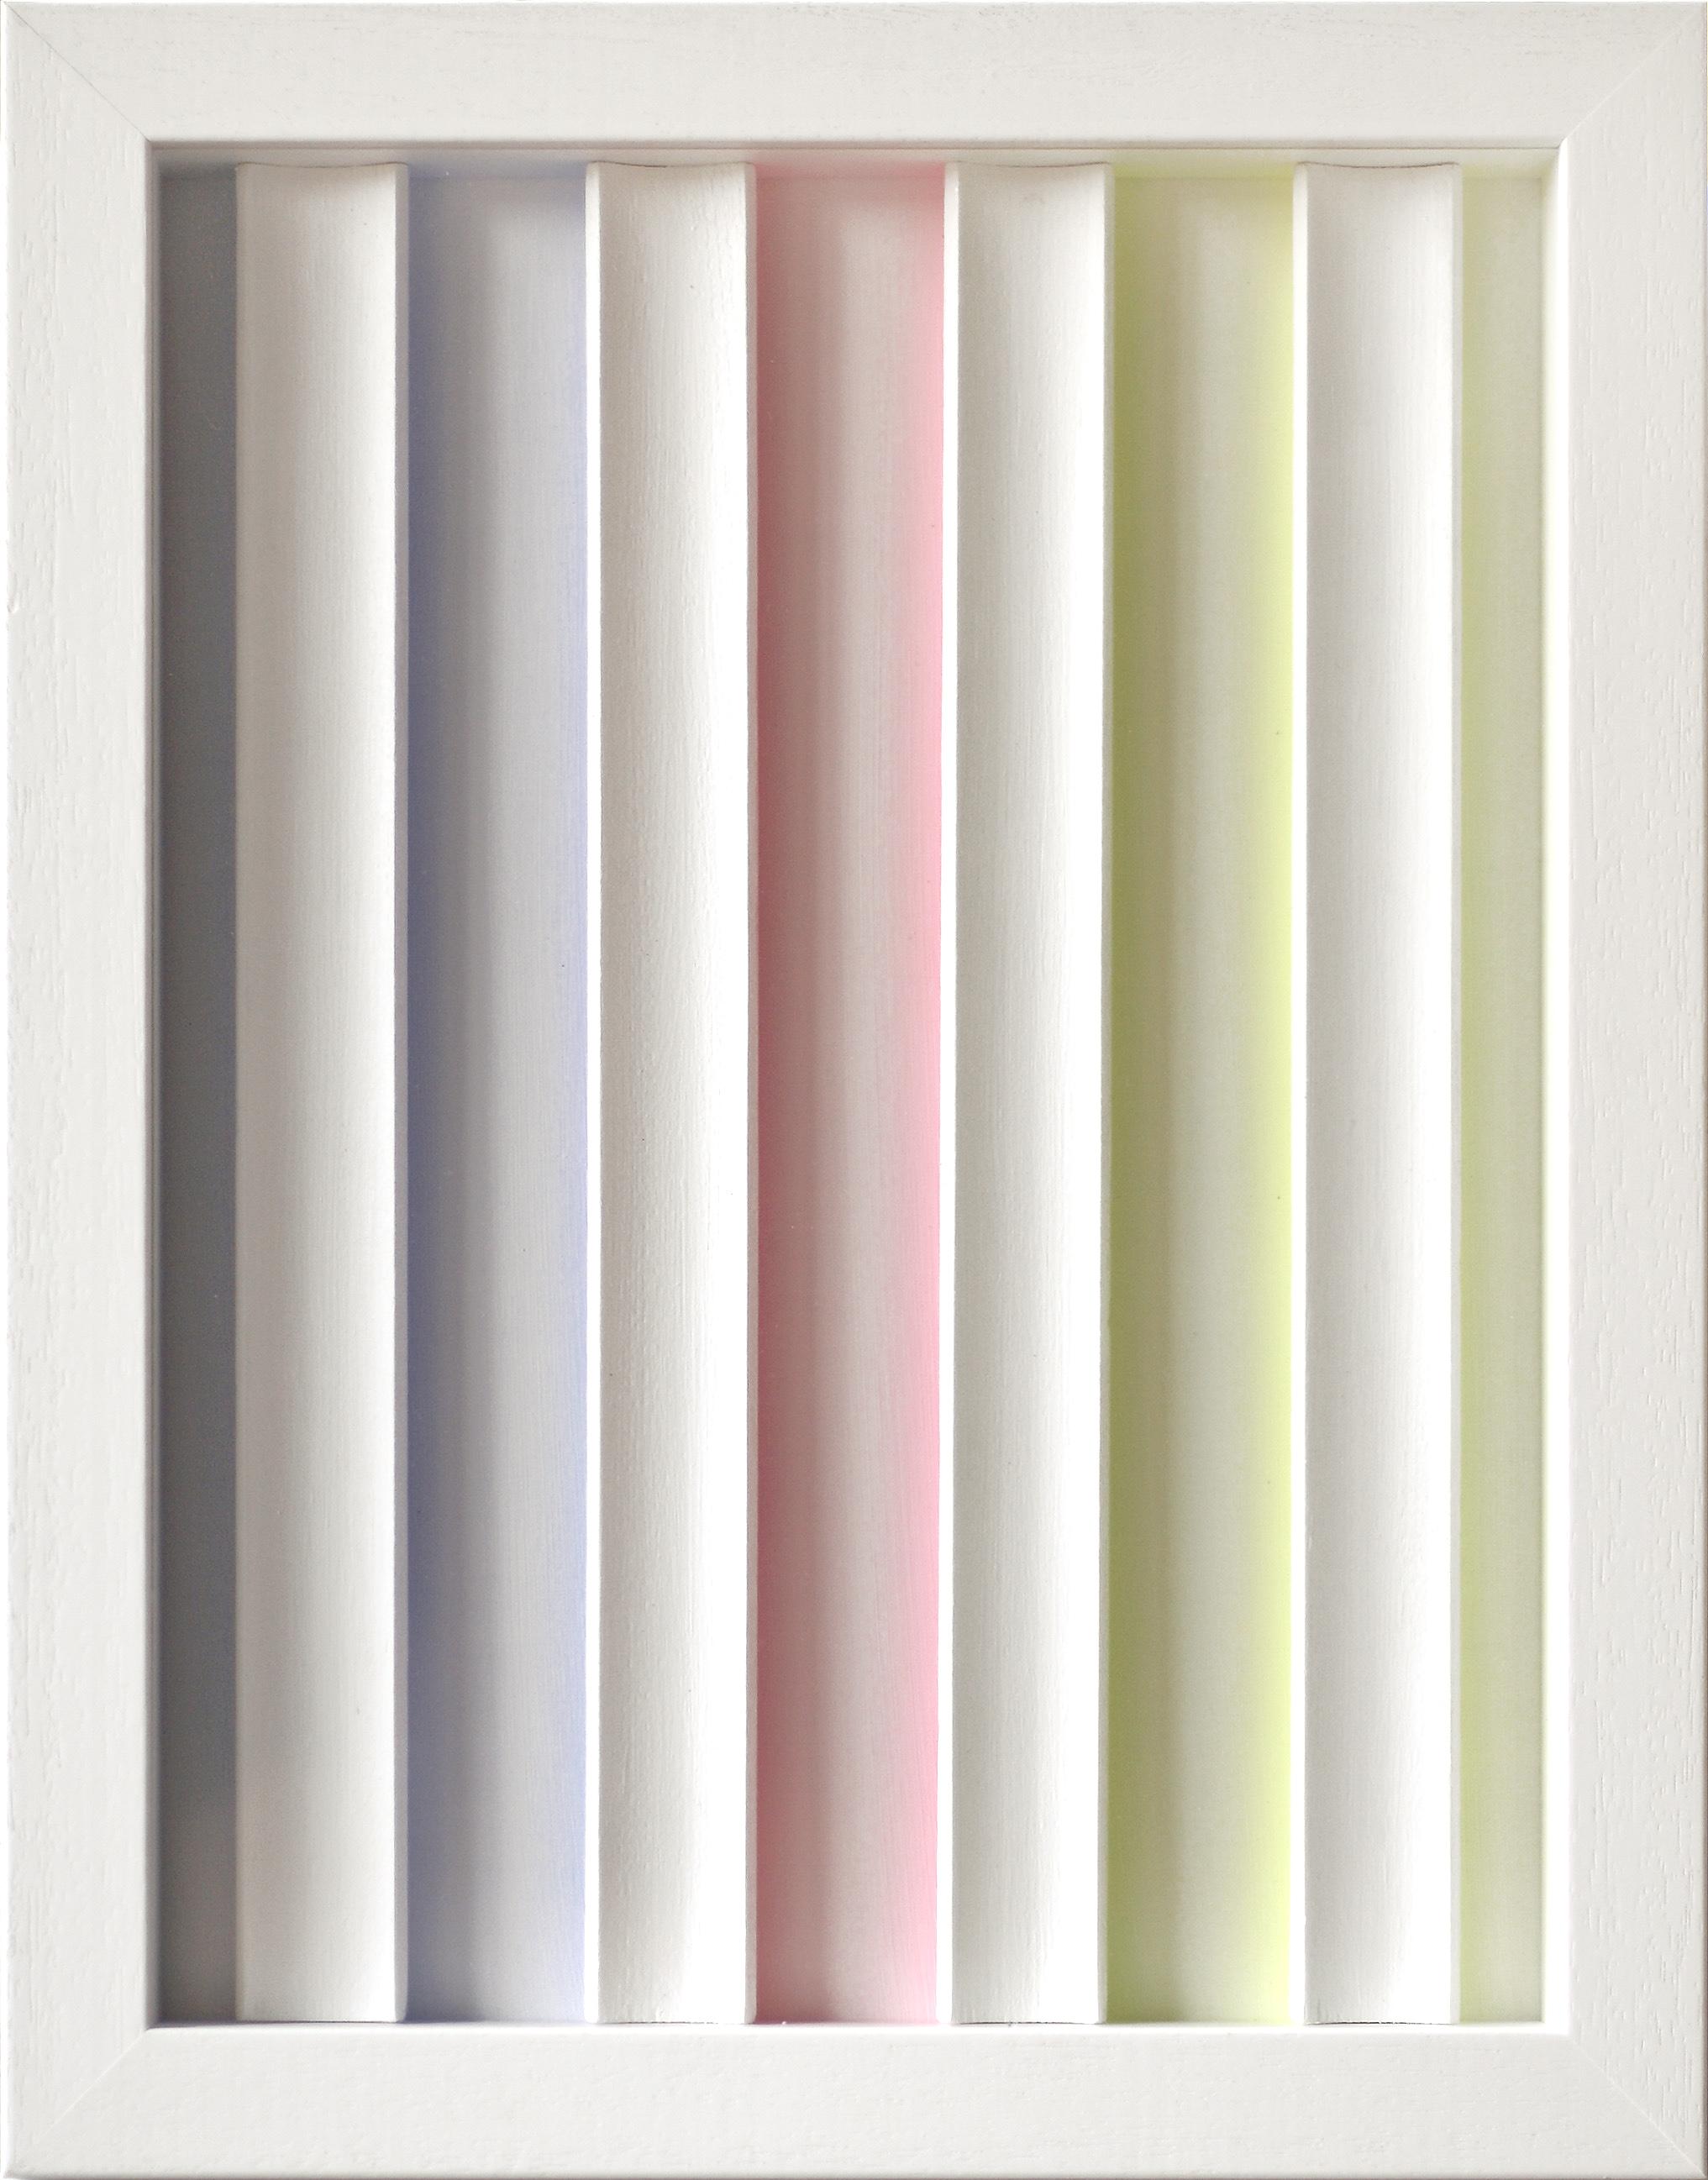 akril, les, 35 x 45 cm, 2006